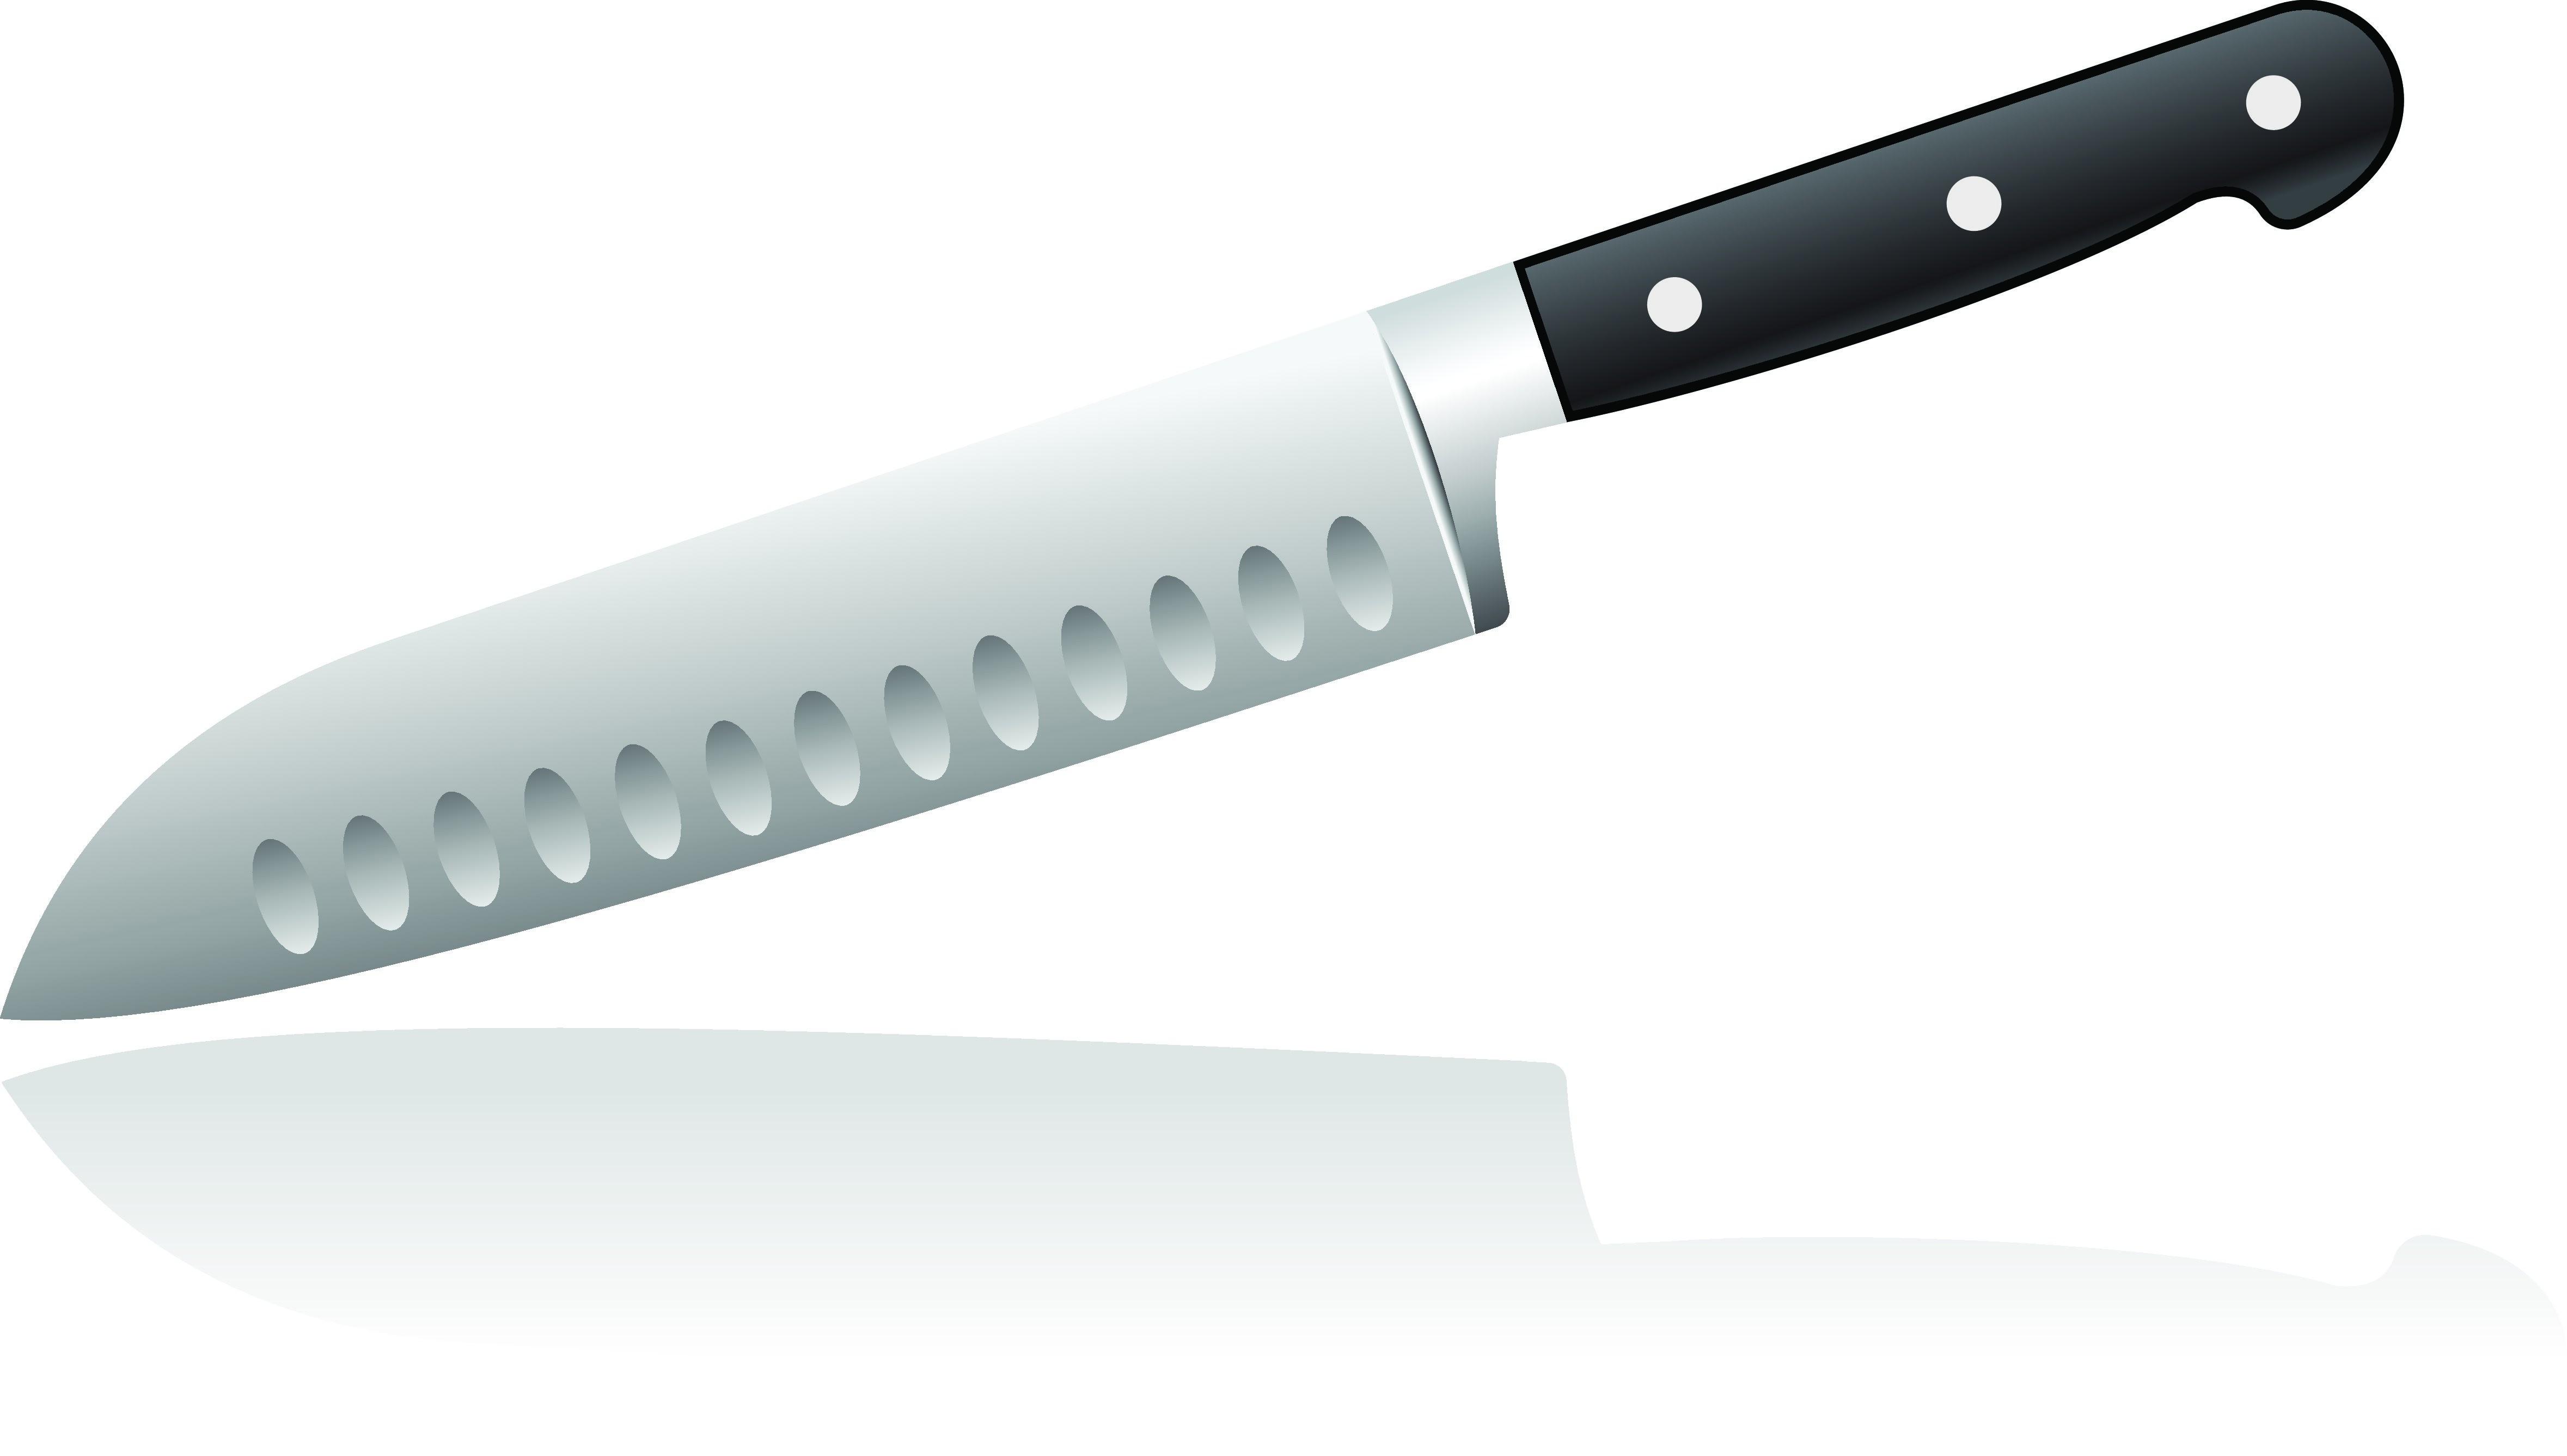 Широкий с насечками — универсальный нож. Разновидность пришла к нам из Азии. Им удобно работать с нарезкой любых овощей, мяса и рыбы, например надсечки на ноже не позволяют ломтикам сыра...